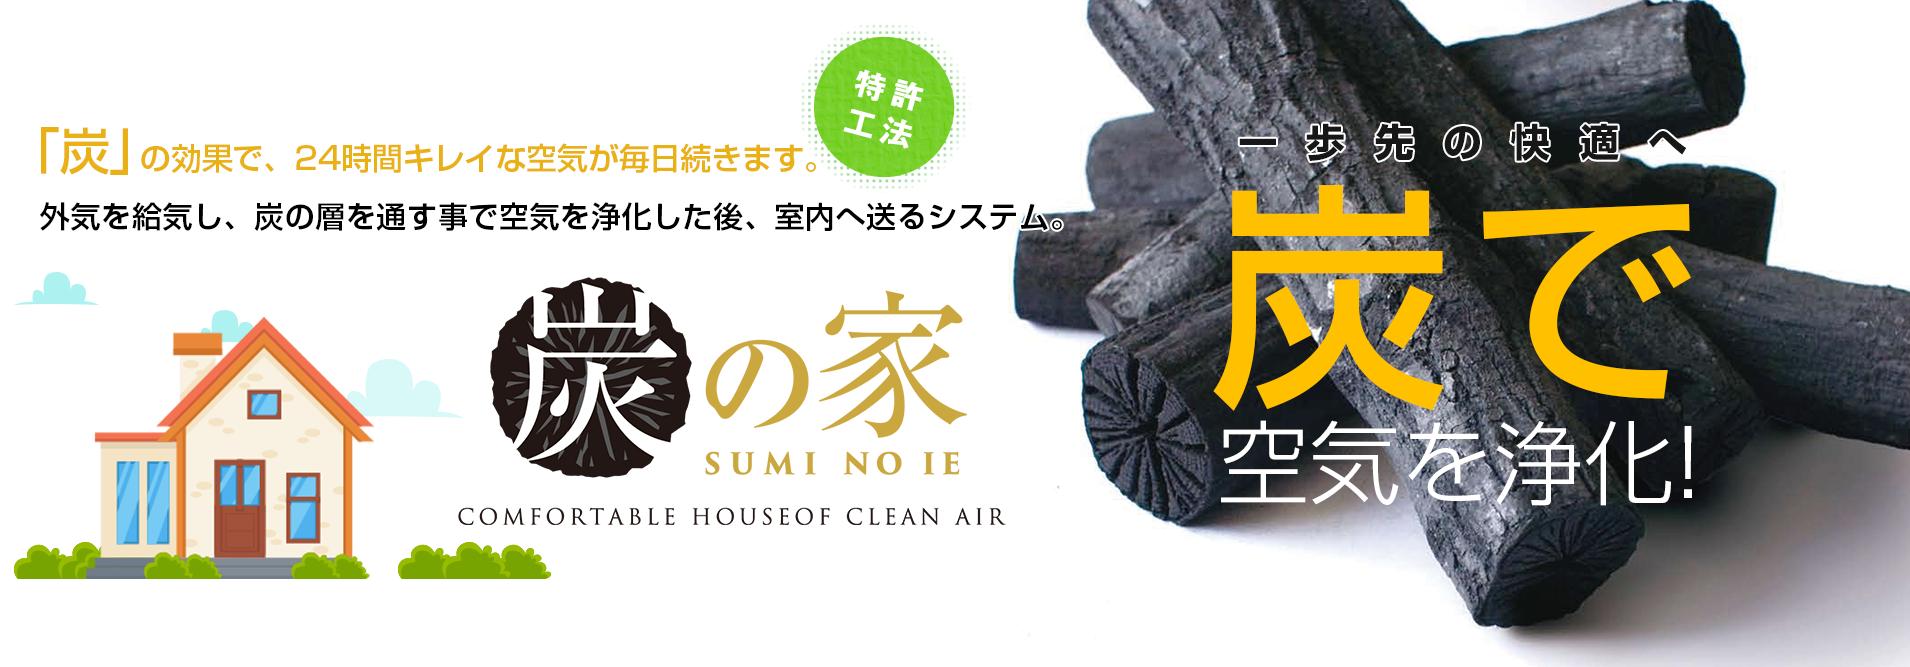 「炭」の効果で、24時間キレイな空気が毎日続きます。外気を給気し、炭の層を通す事で空気を浄化した後、室内へ送るシステム。